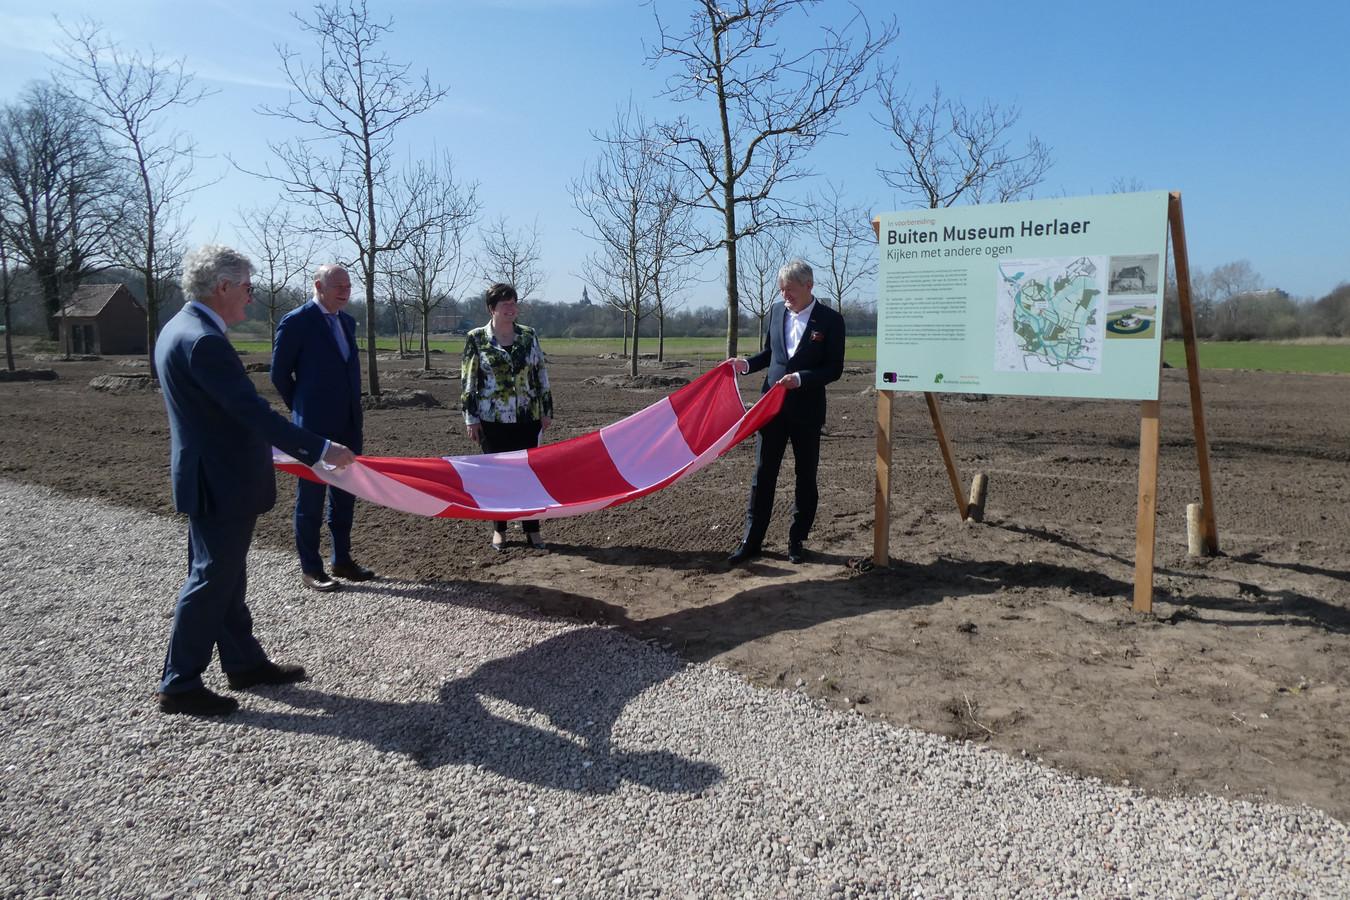 Het bord van het Buiten Museum Herlaer werd onlangs onthuld. Dat gebeurde rond de starthandeling van Van Gogh Nationaal Park bij Oud-Herlaer.